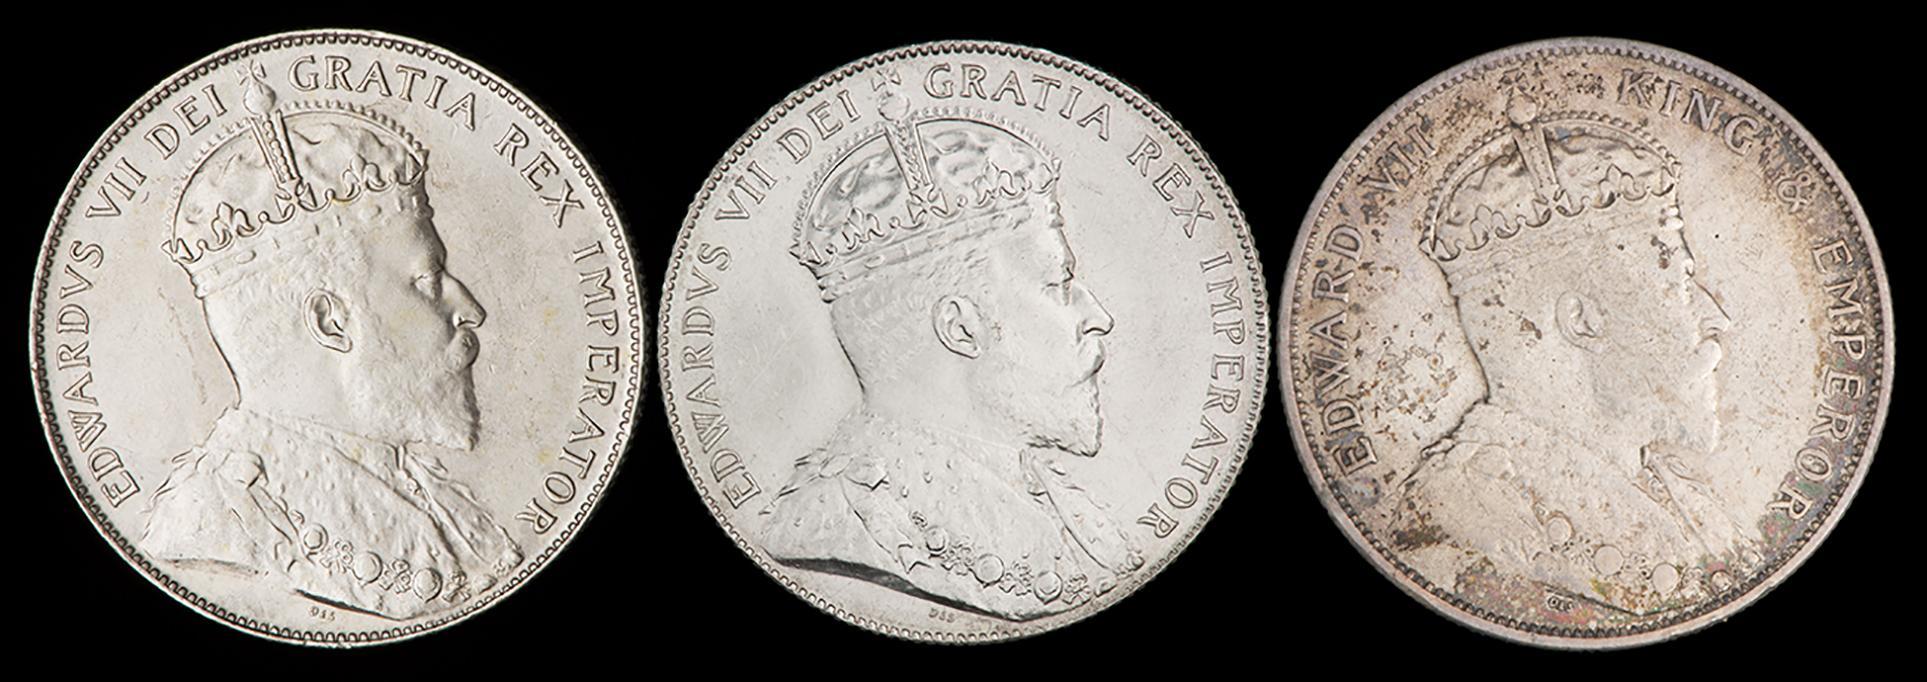 trois vieilles pièces de monnaie dont le côté face semble identique